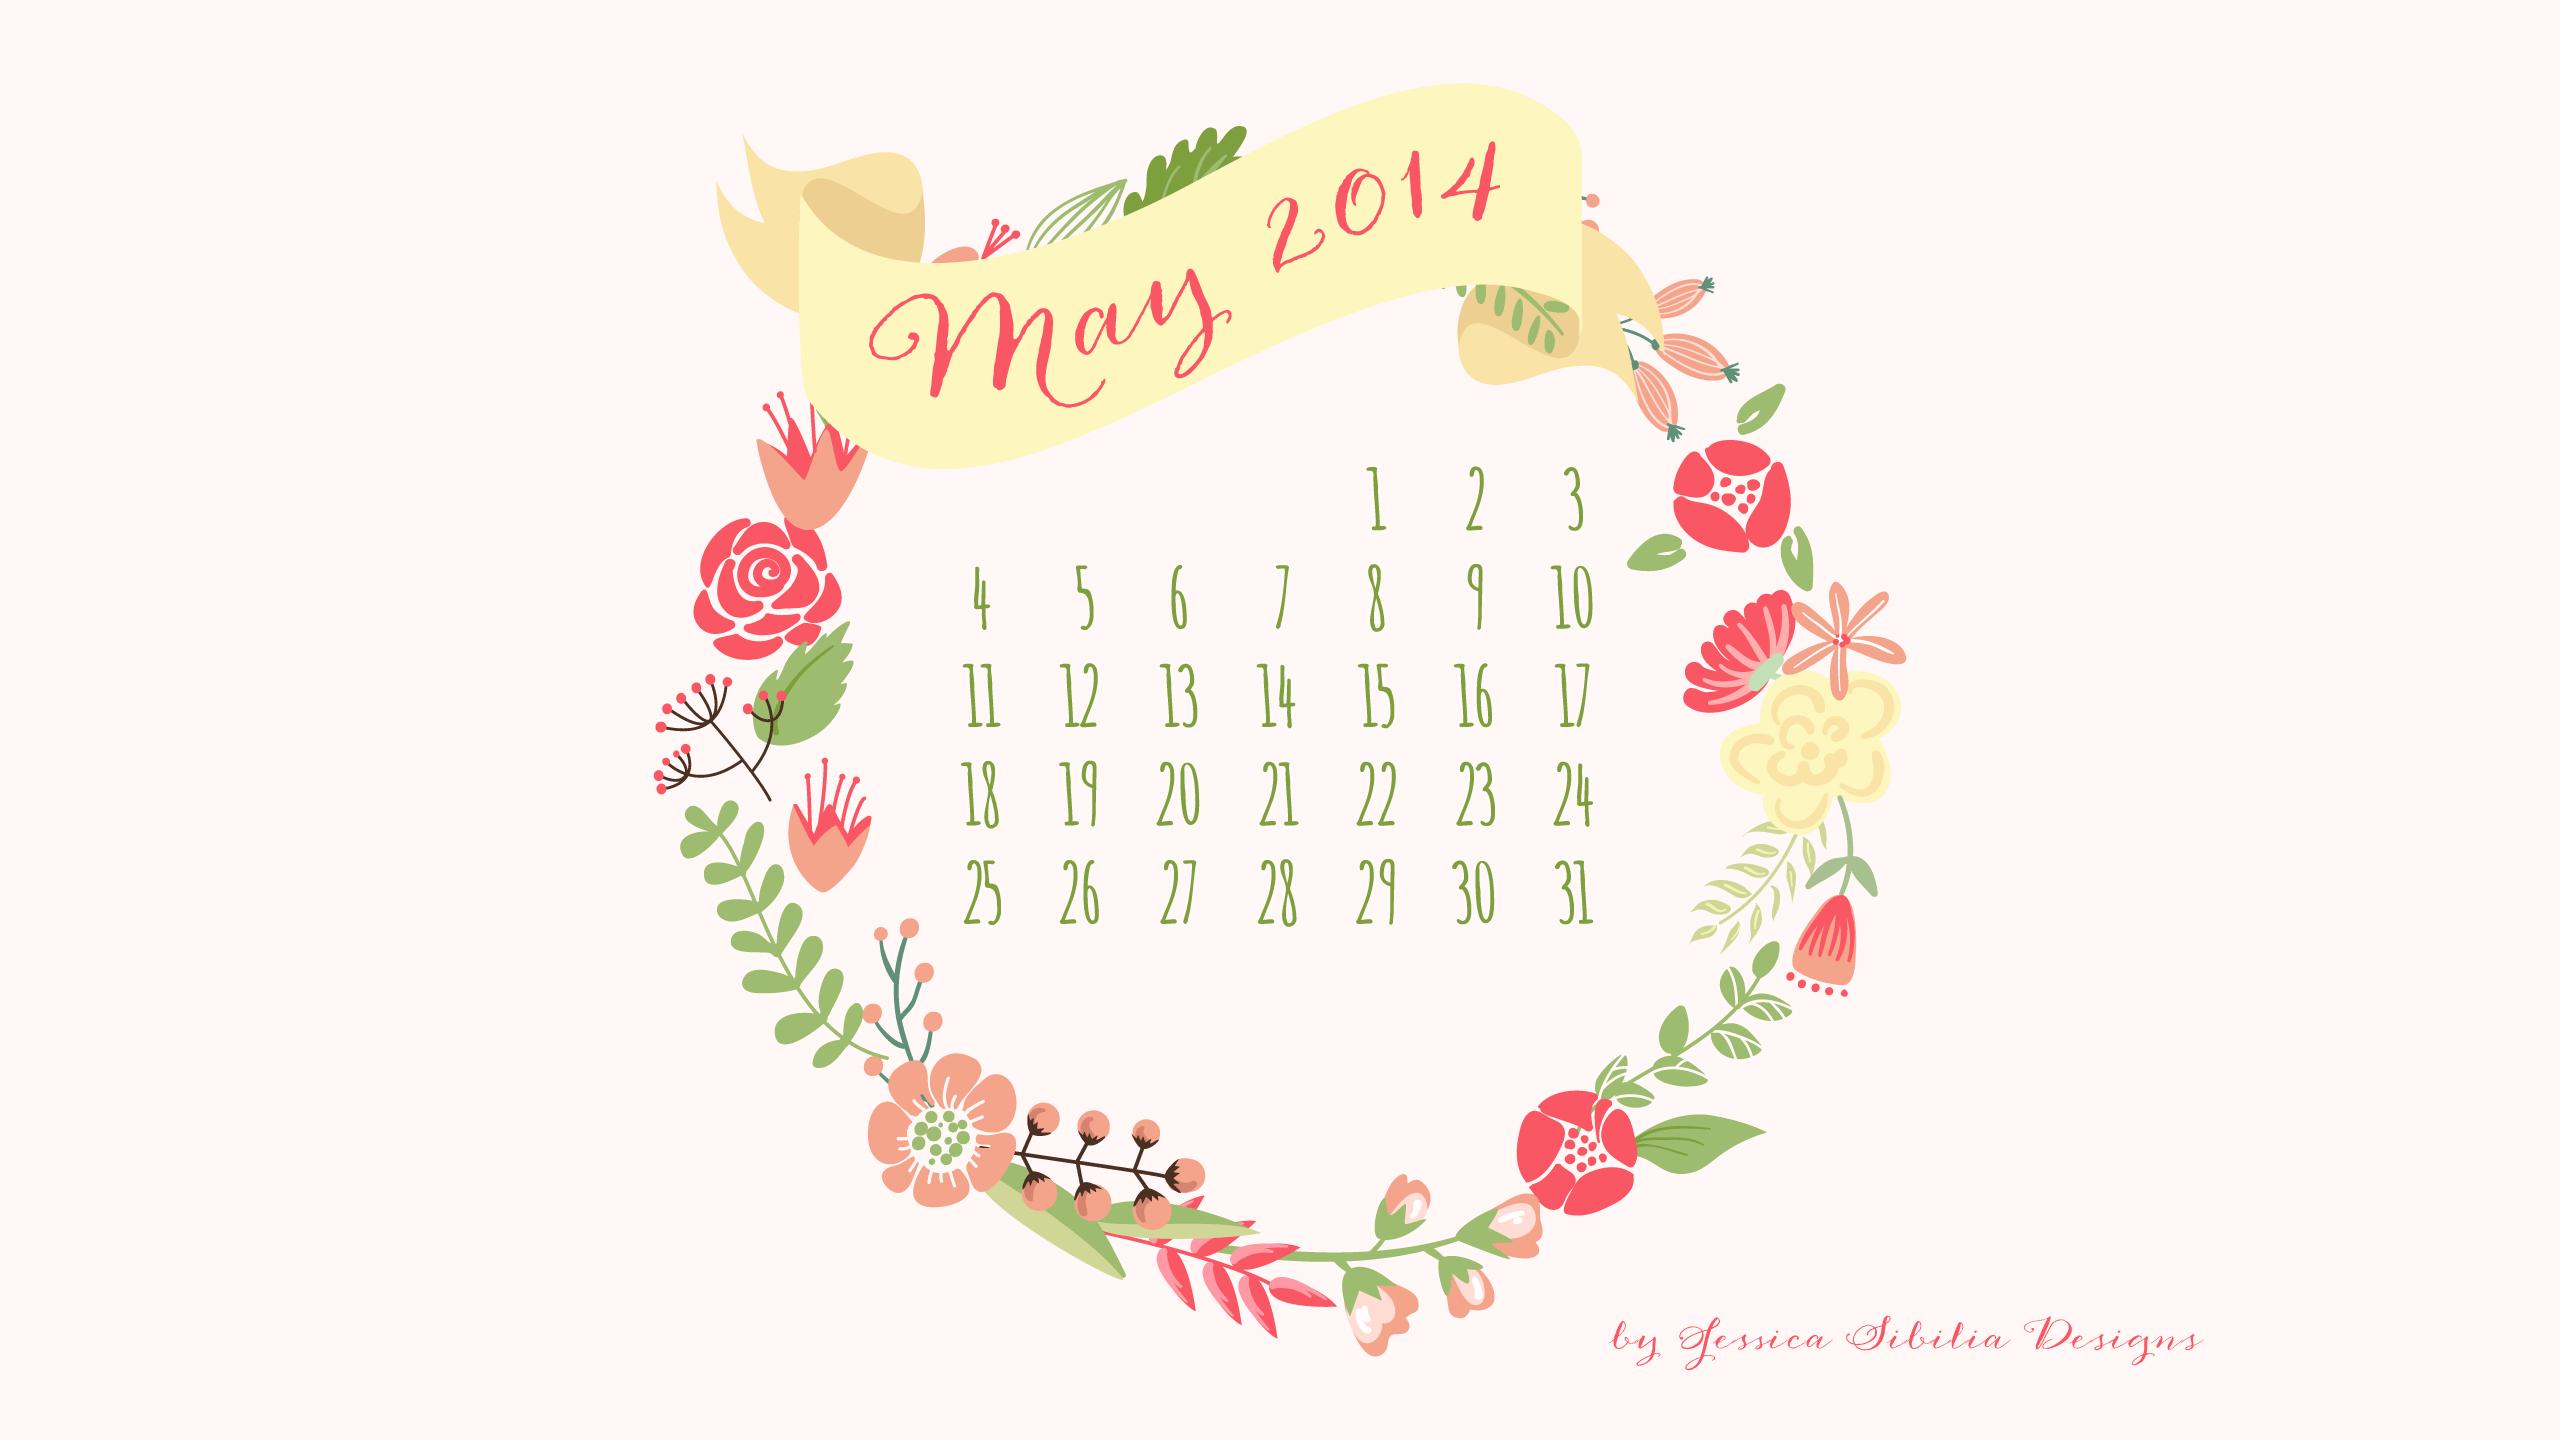 48] Desktop Wallpapers Calendar May 2015 on WallpaperSafari 2560x1440